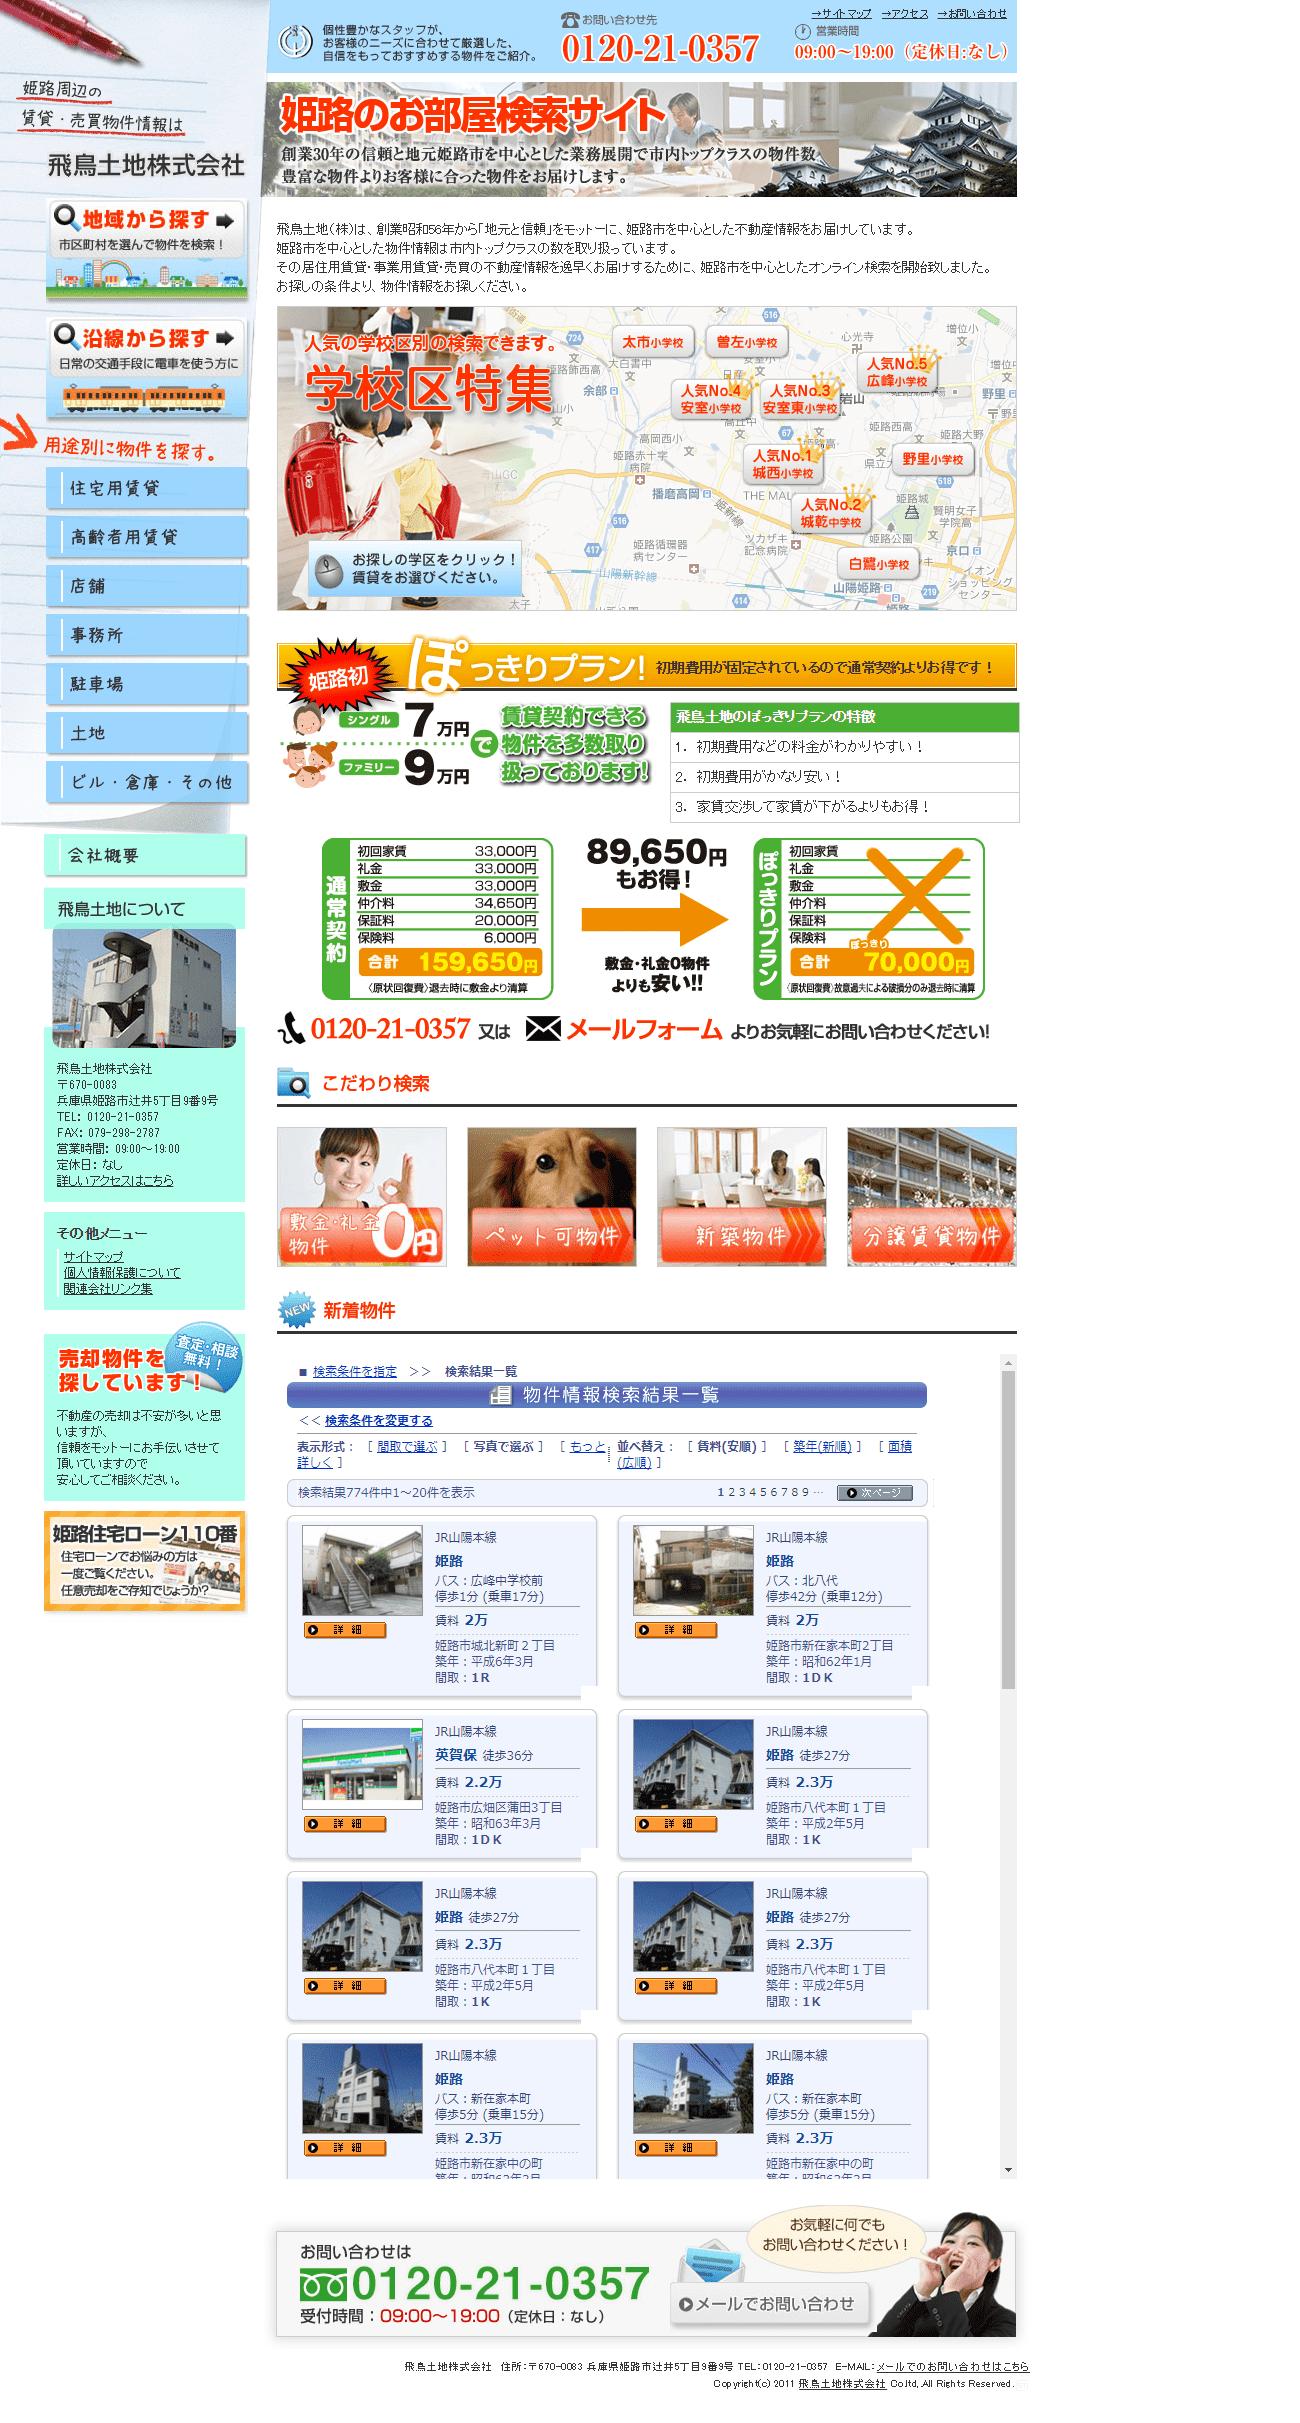 姫路市 飛鳥土地株式会社 ホームページ制作1